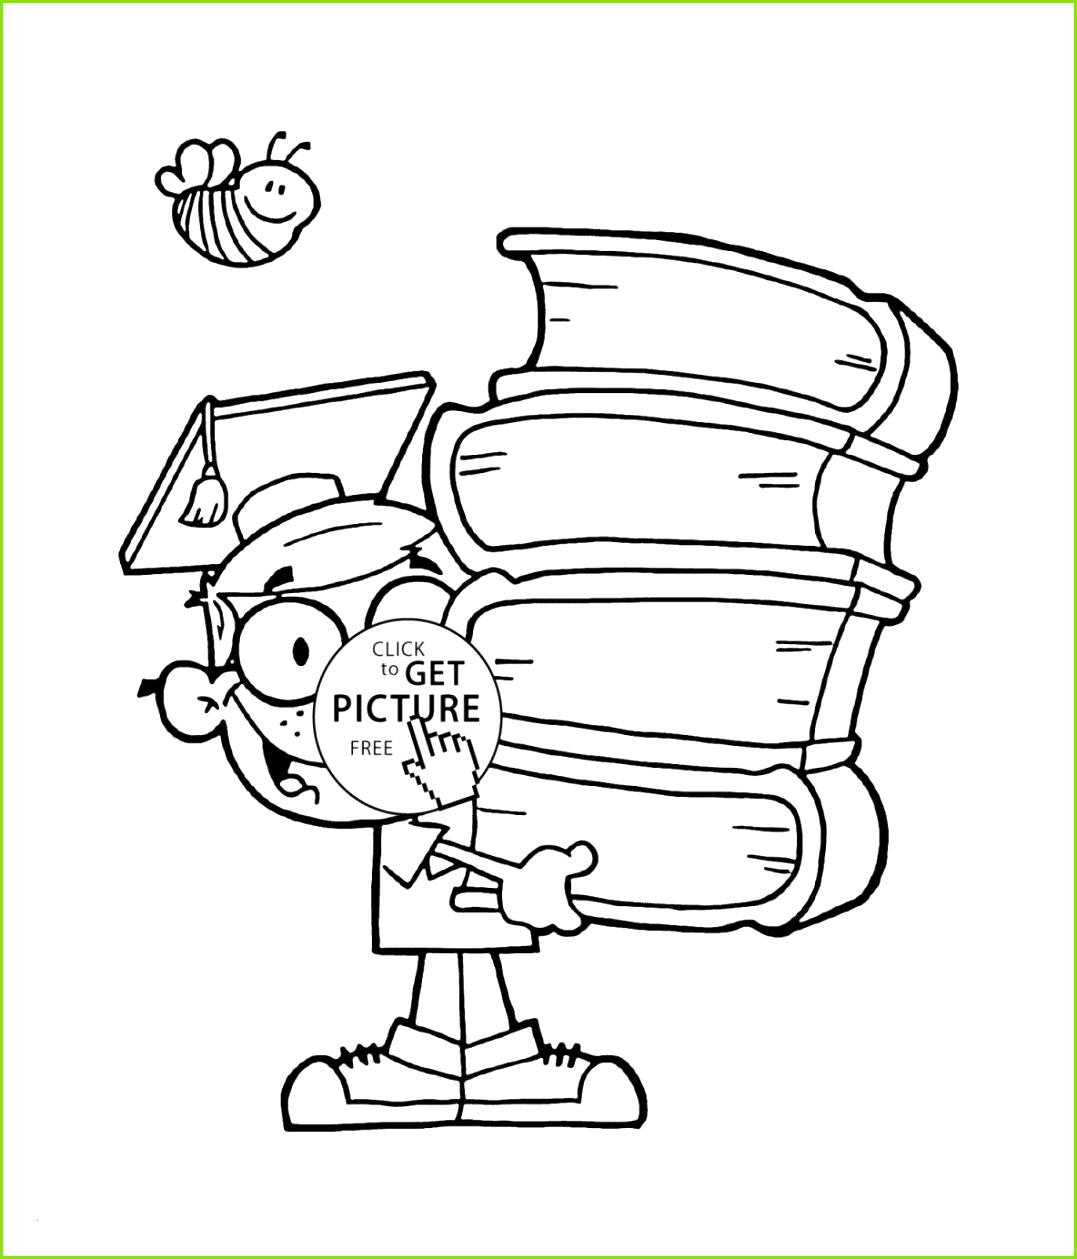 Vorlage Osterei Din A4 Malvorlagen Igel Frisch Igel Grundschule 0d Archives Uploadertalk